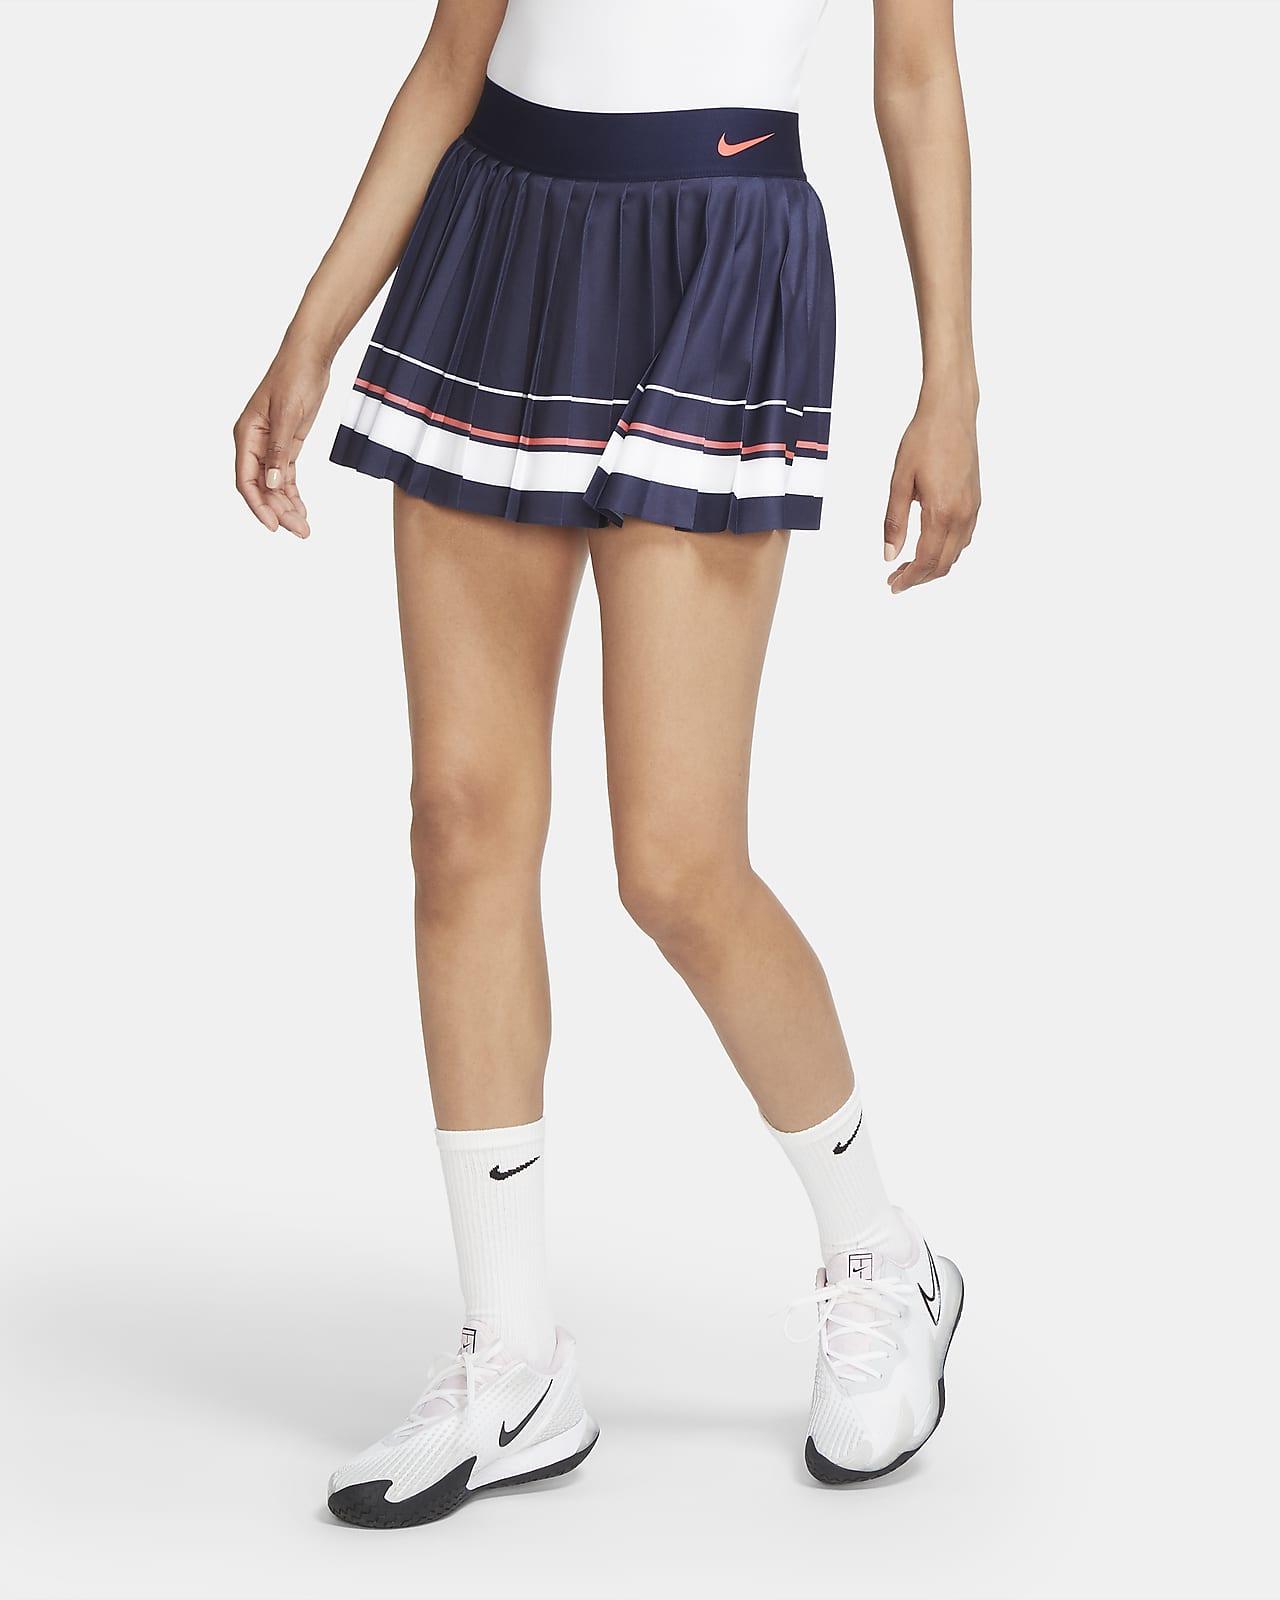 Maria Women S Tennis Skirt Nike Com